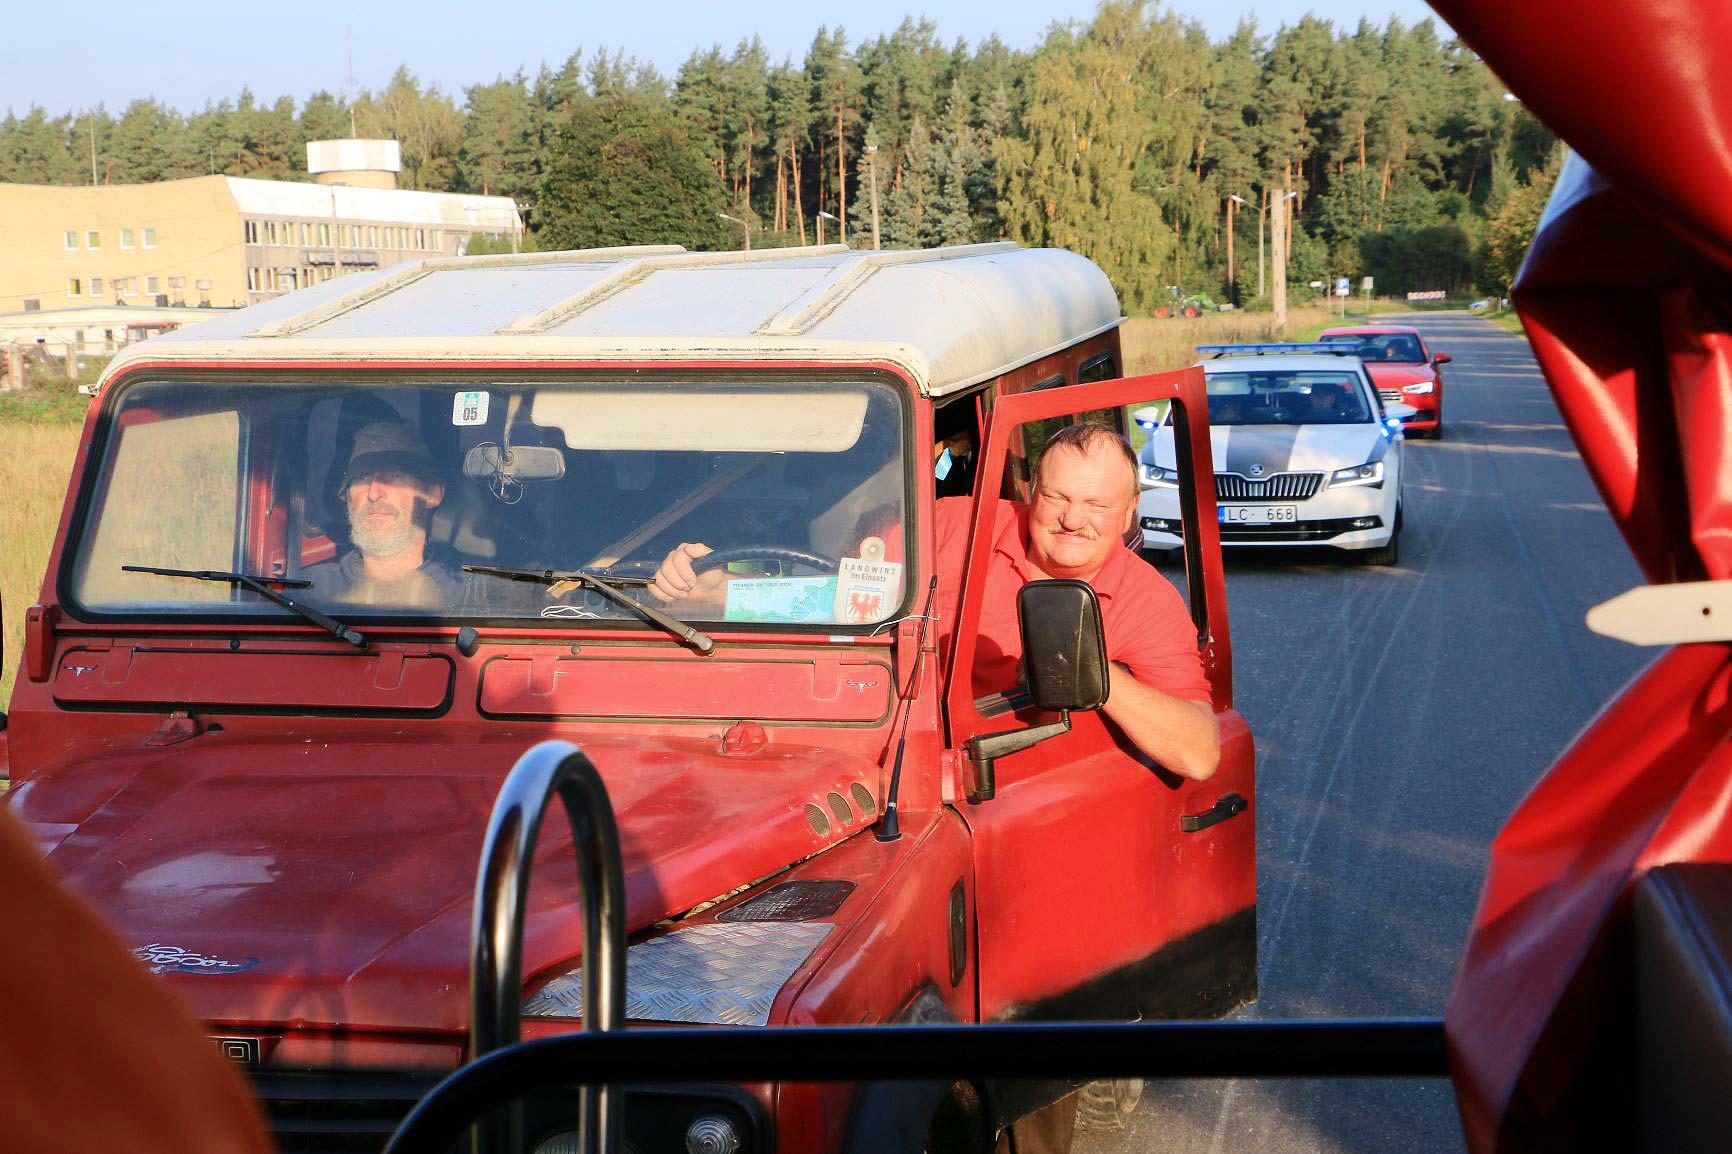 Rover und Polizei dein Freund und Helfer - Titanen on tour in Estland